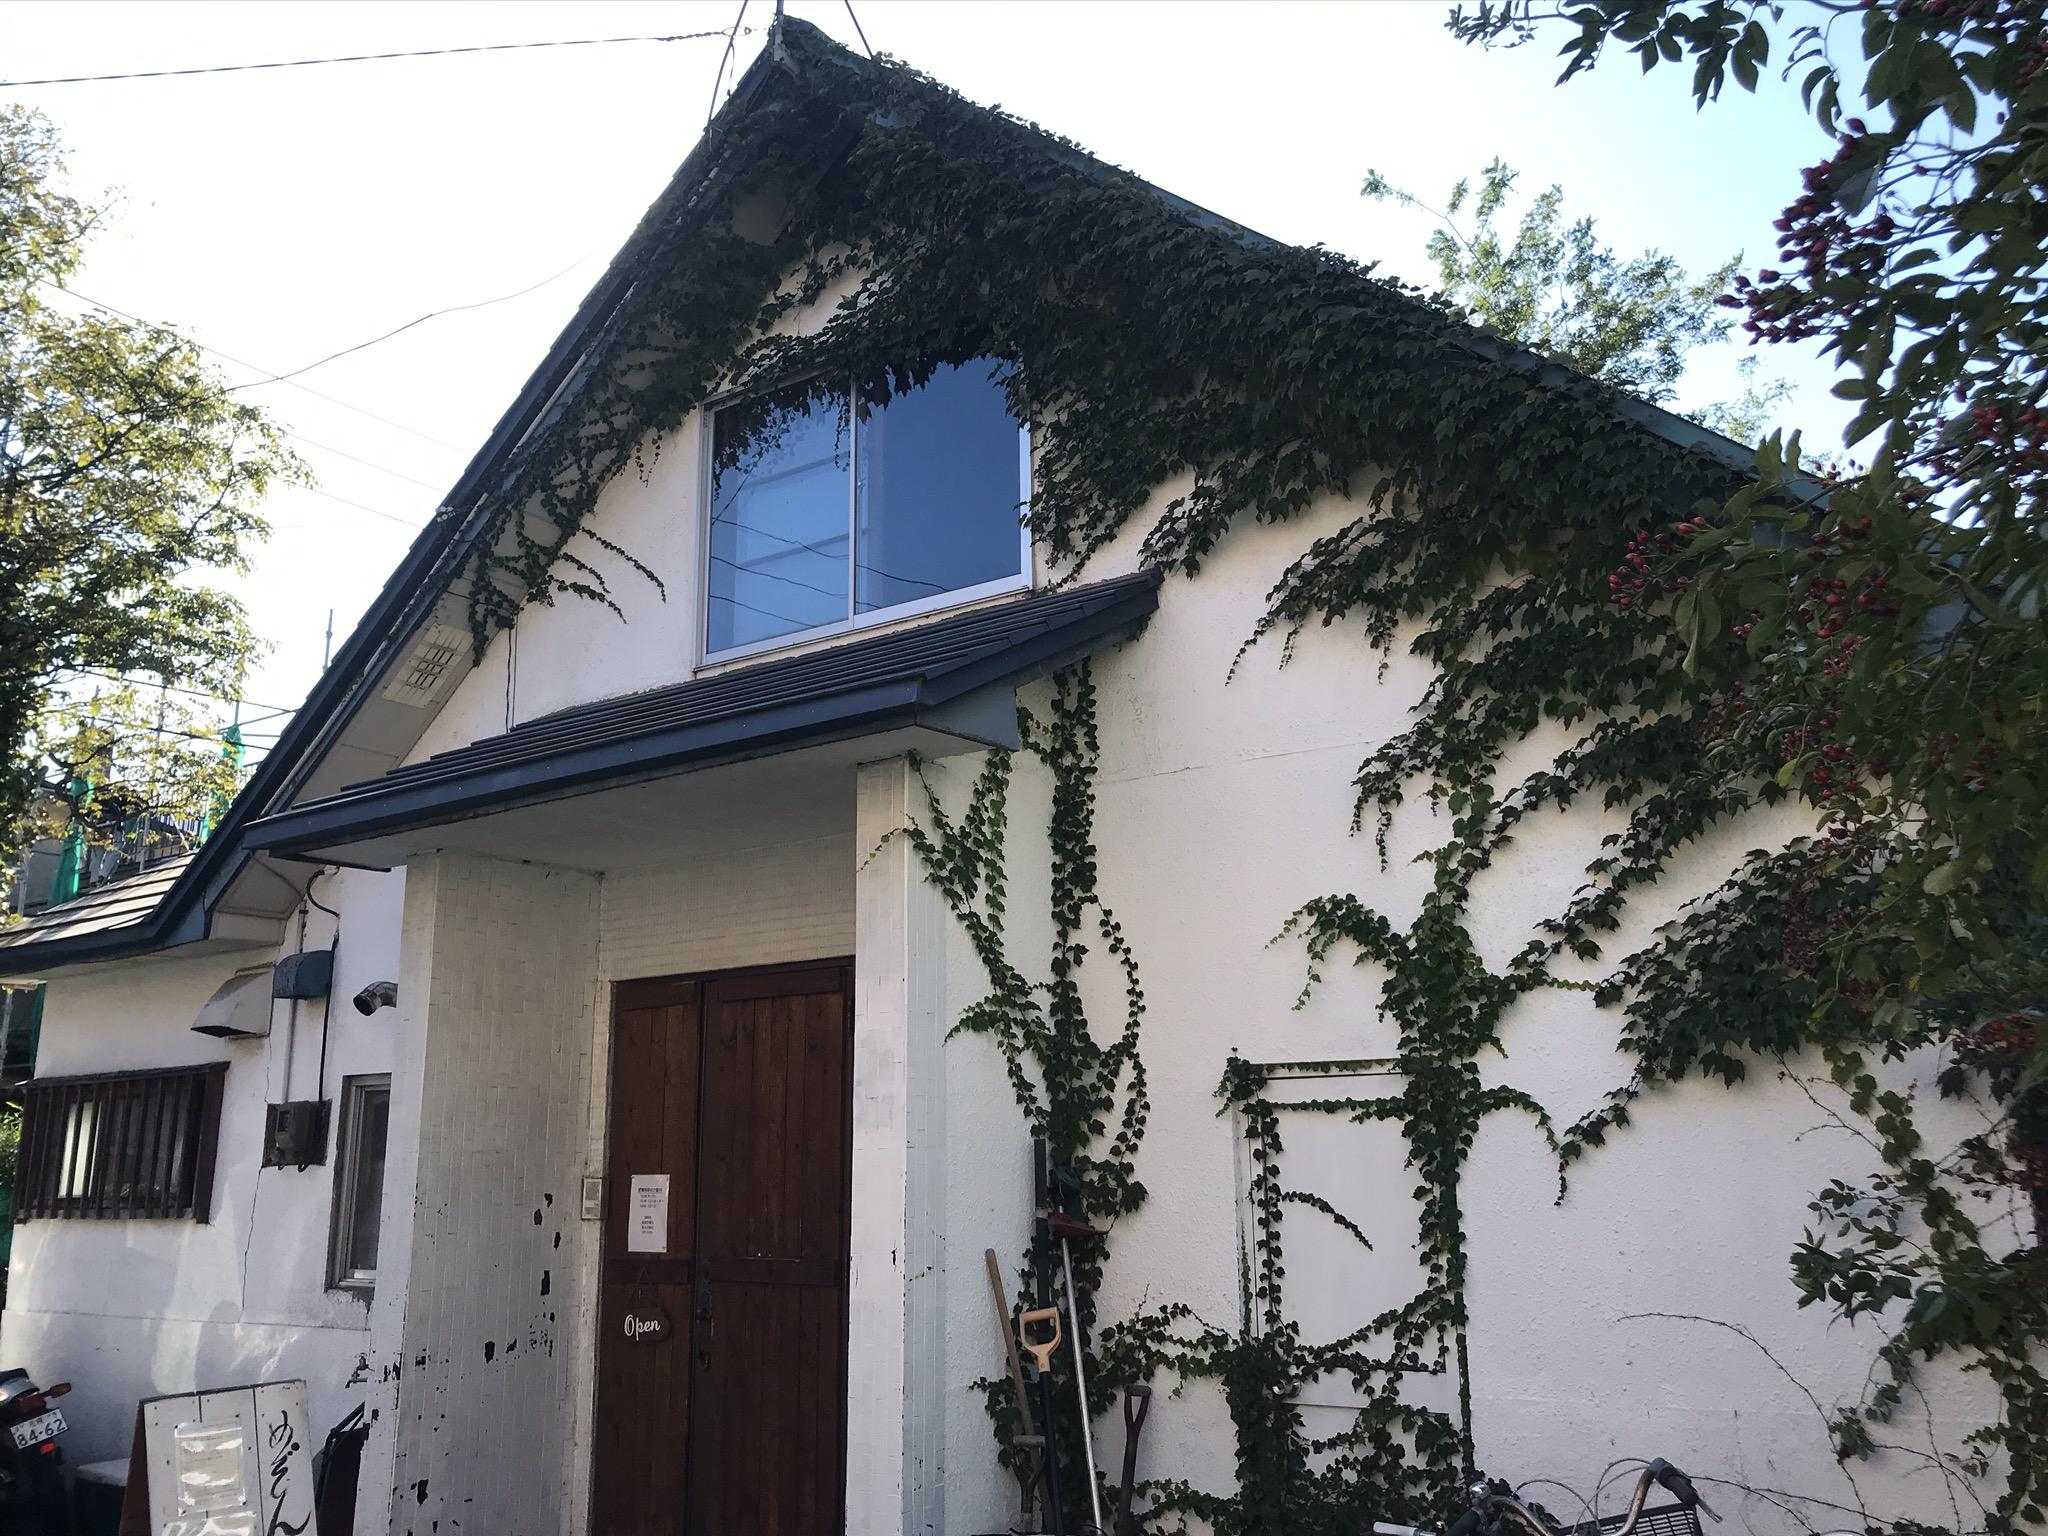 【リノベーション店舗巡り】vol.4「cafe maison」